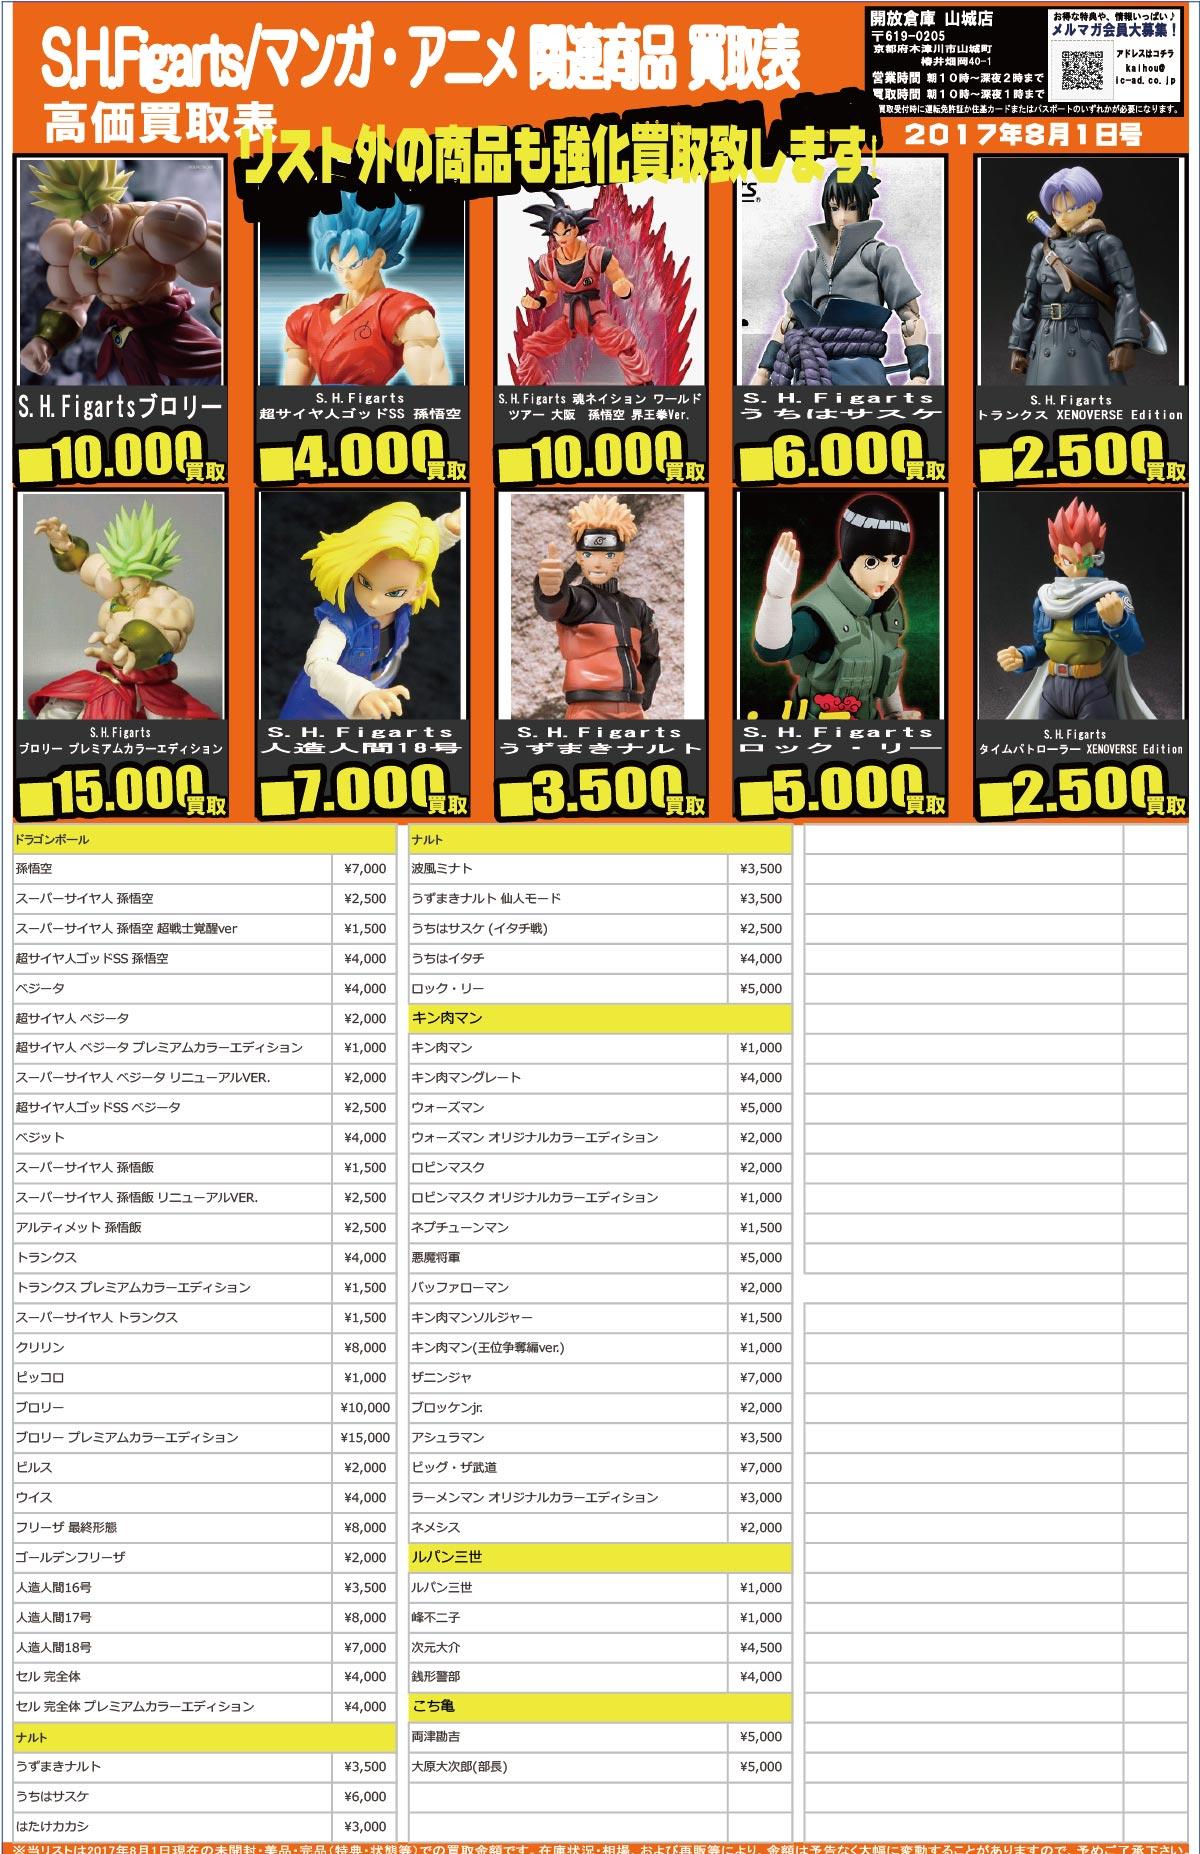 「開放倉庫山城店」おもちゃ買取表<8月1日号>S.H.Figuarts/マンガ・アニメ関連商品買取表!リスト外の商品も強化買取いたします!